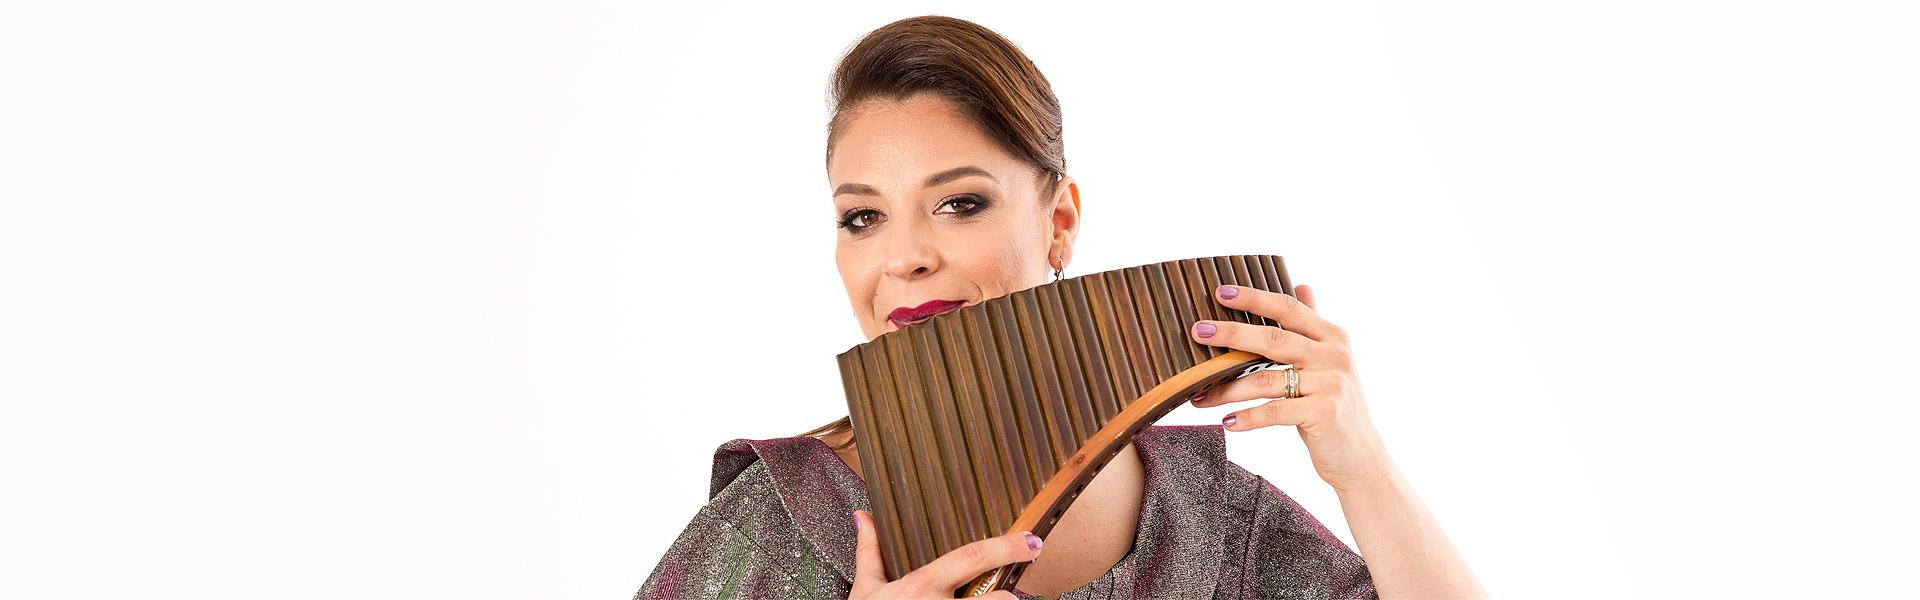 Evenimente Oana Lianu - Concert Jazz